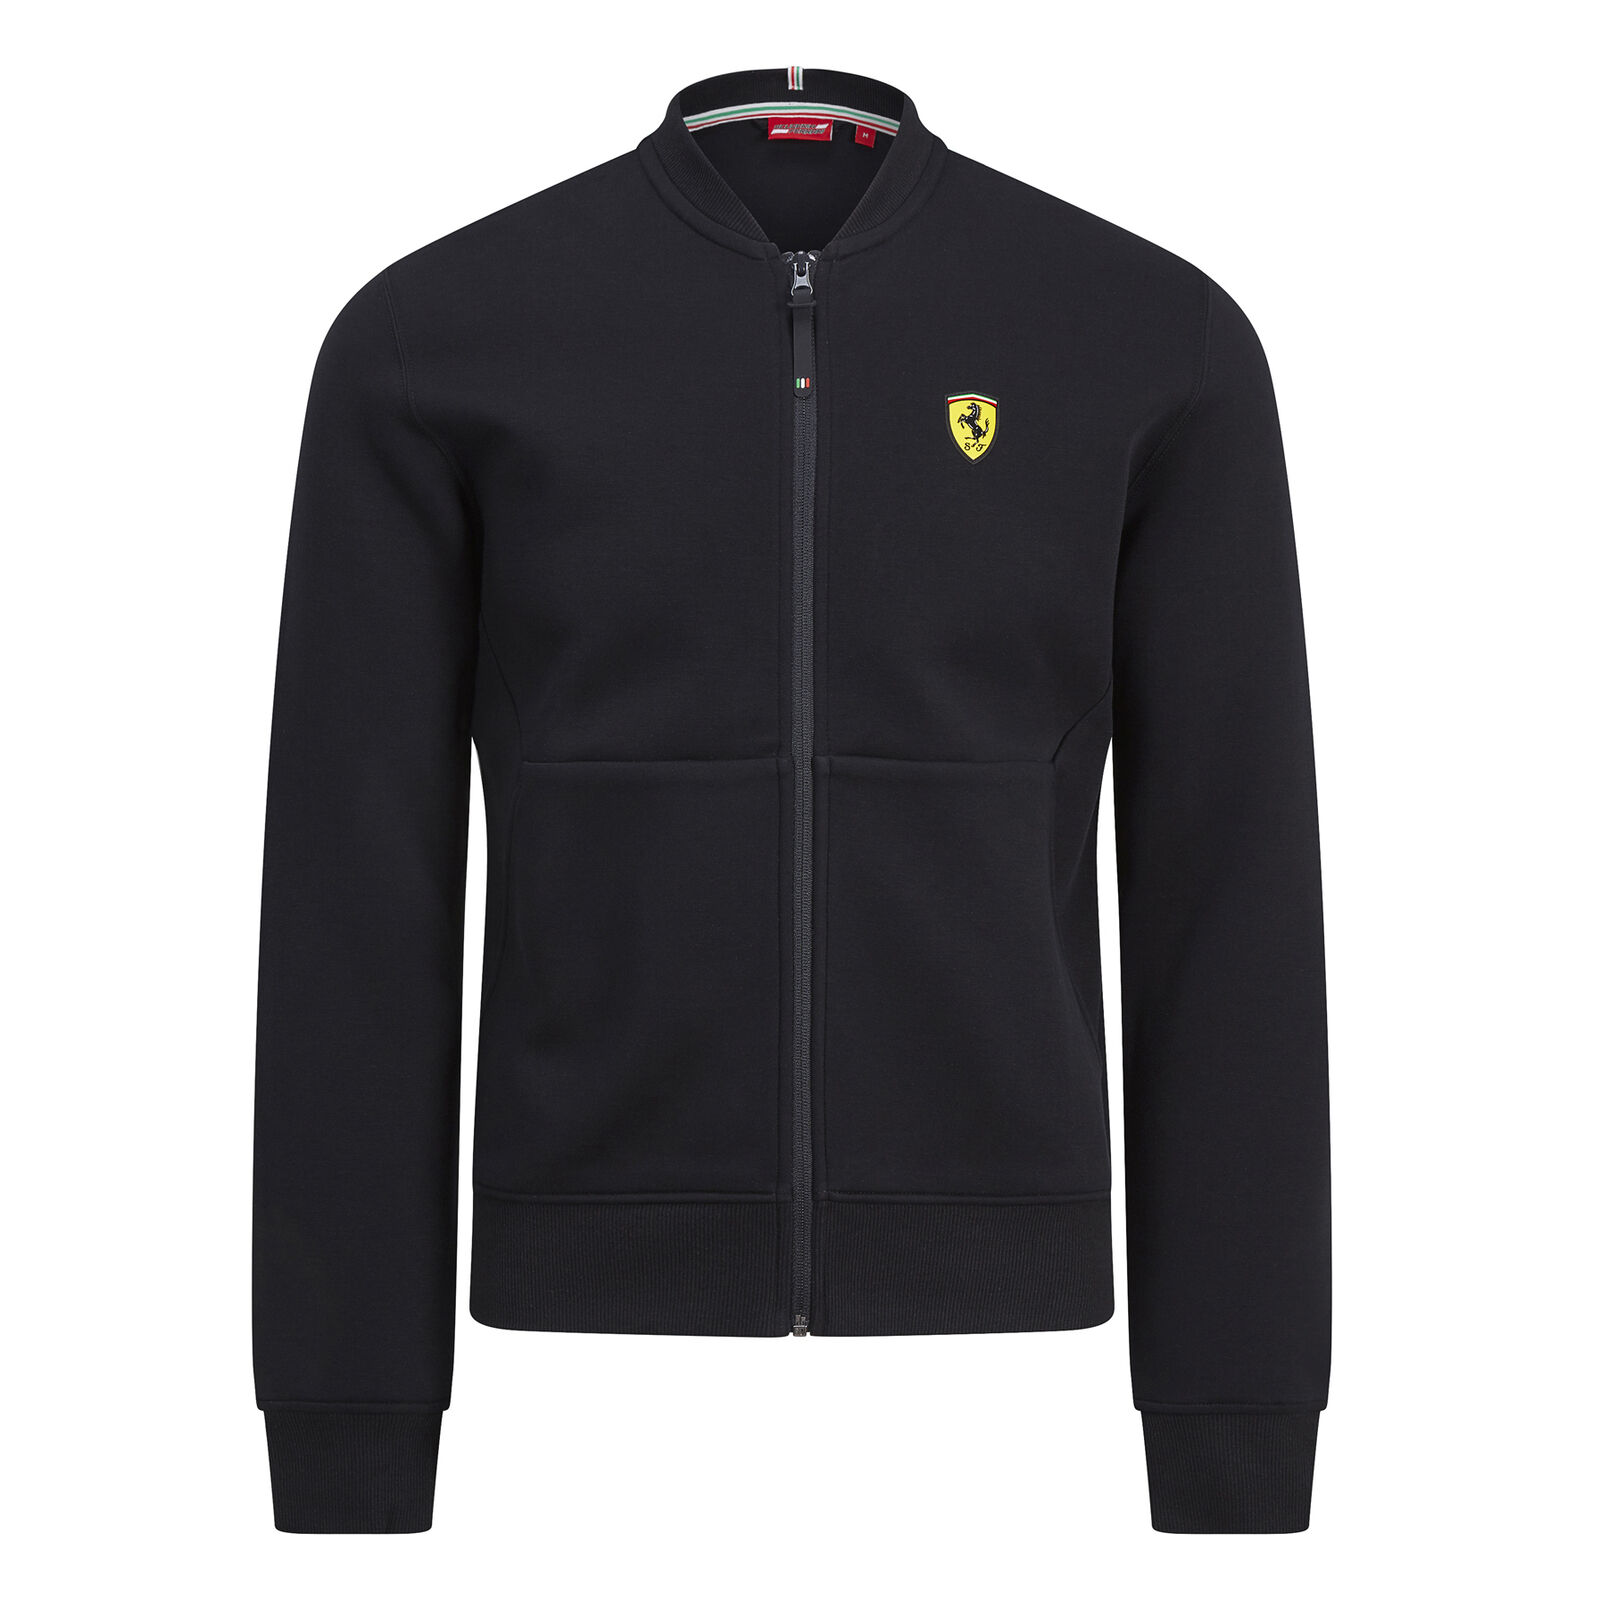 ★送料無料★Scuderia Ferrari Zip up Sweatshirt Jacket フェラーリ オフィシャル ジップアップ ジャケット ブラック